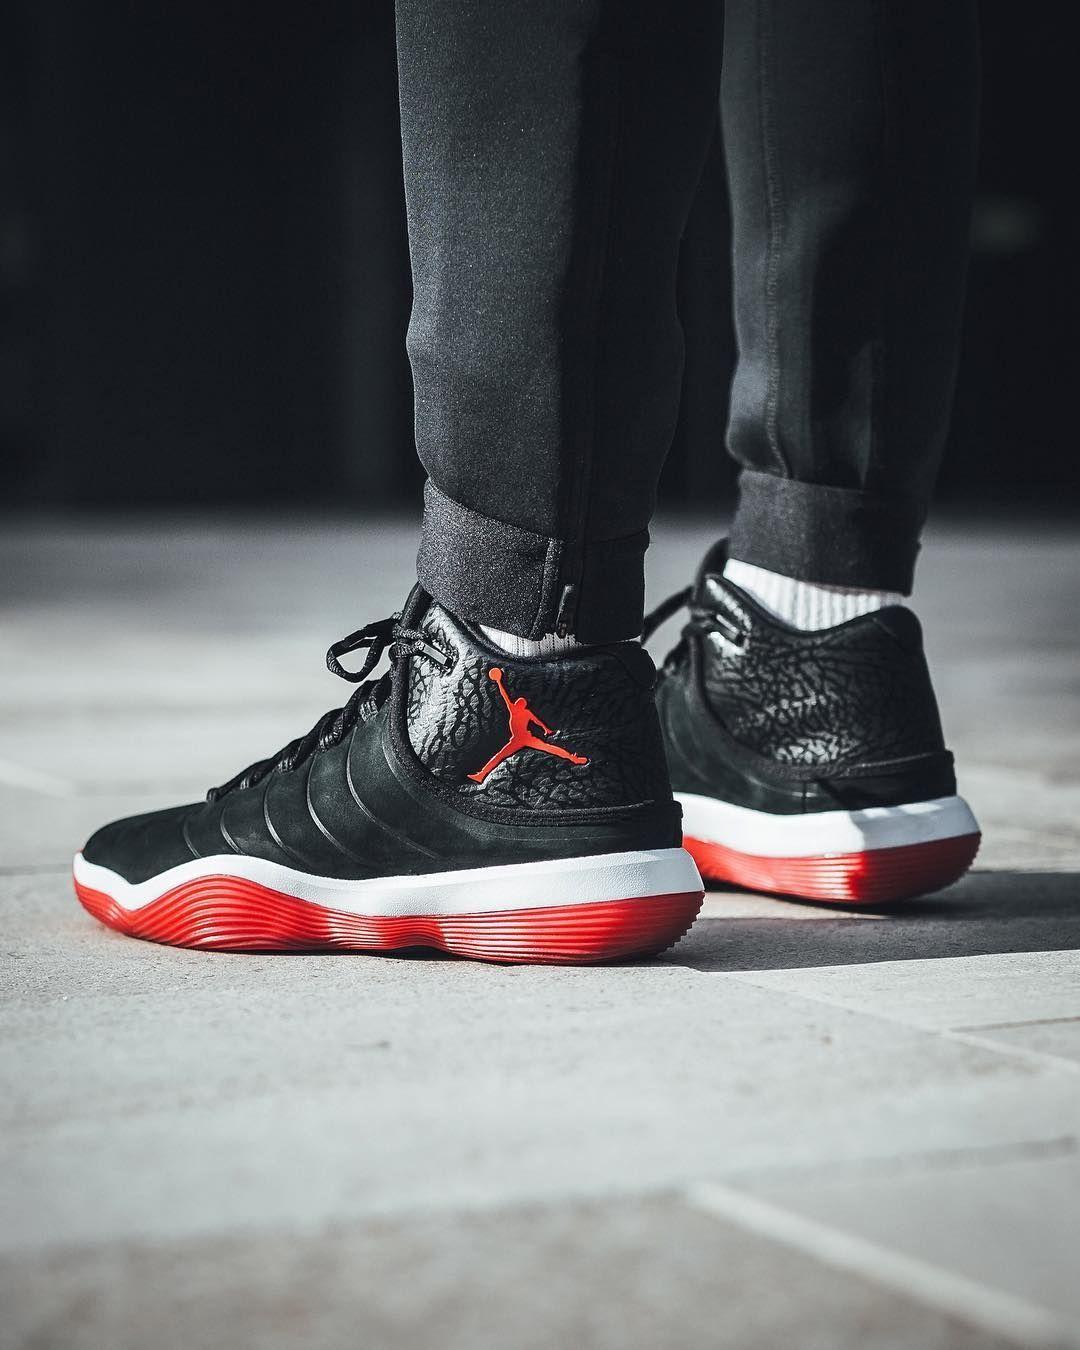 Jordan Super Fly 2017 Bred With Images Air Jordan Sneakers